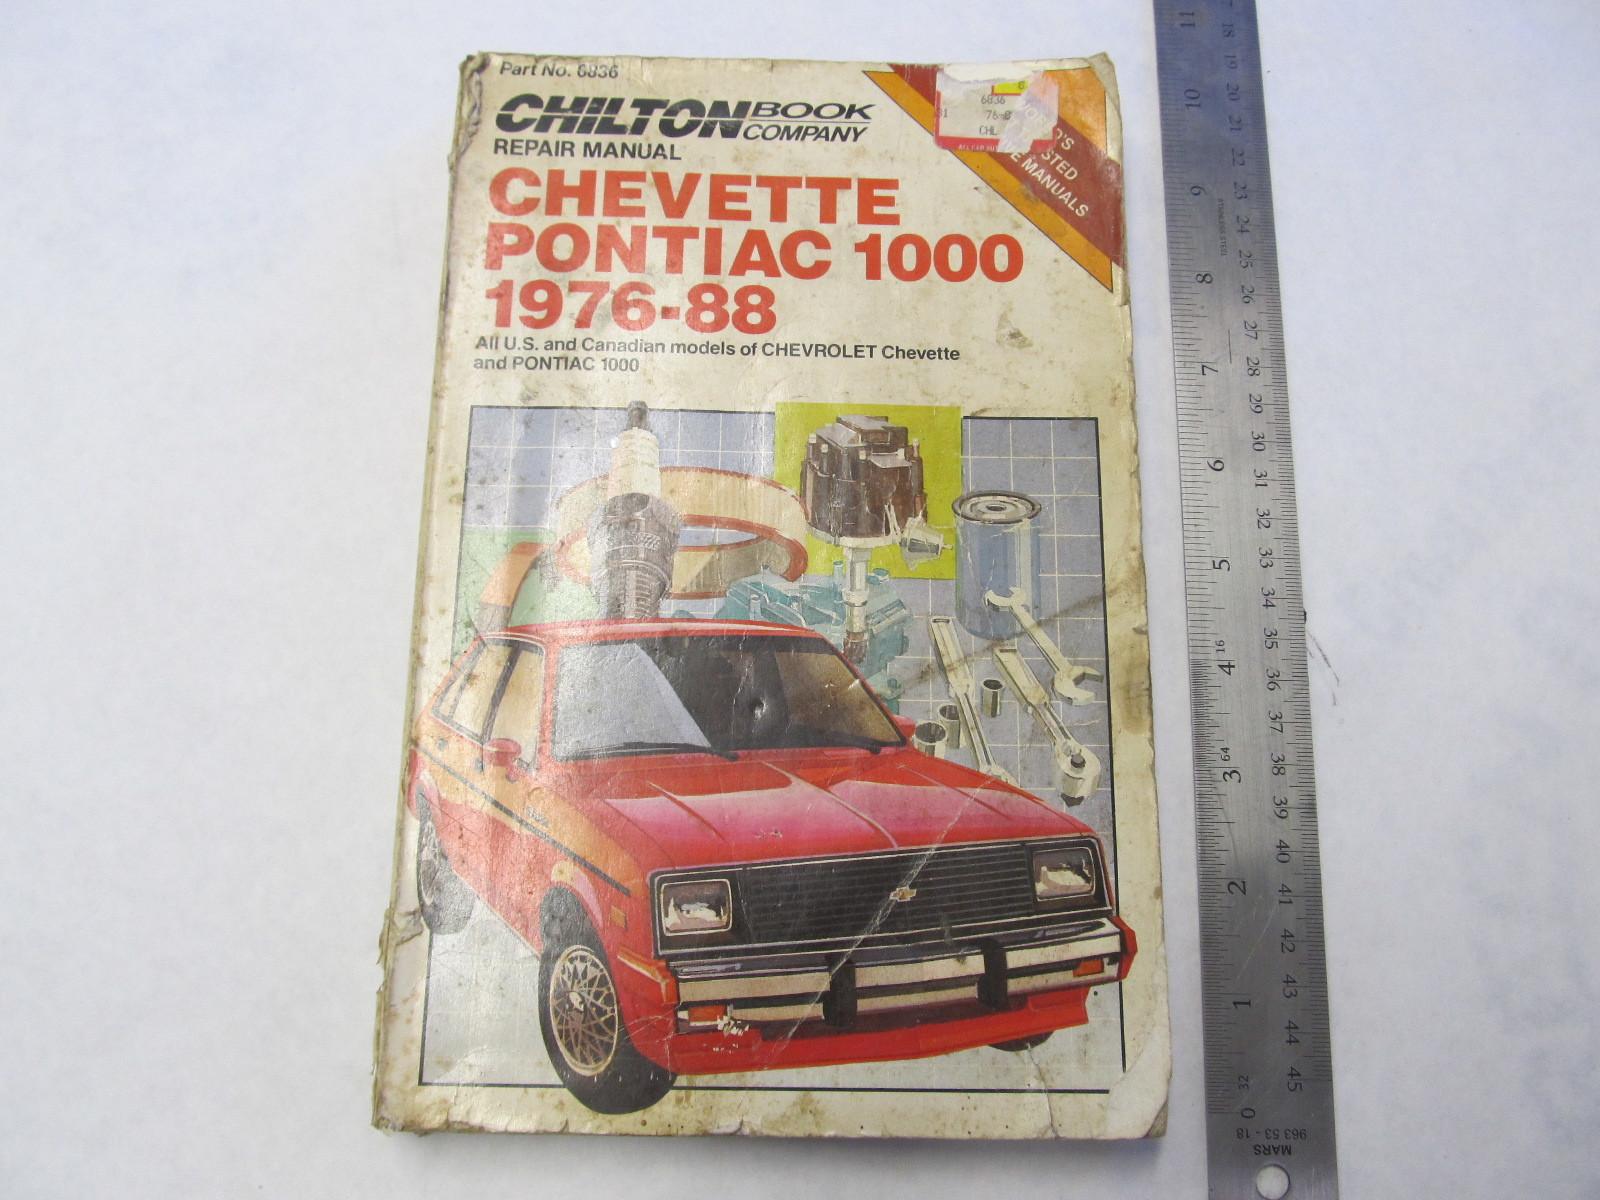 1976 1988 chevette pontiac 1000 chilton repair manual ...